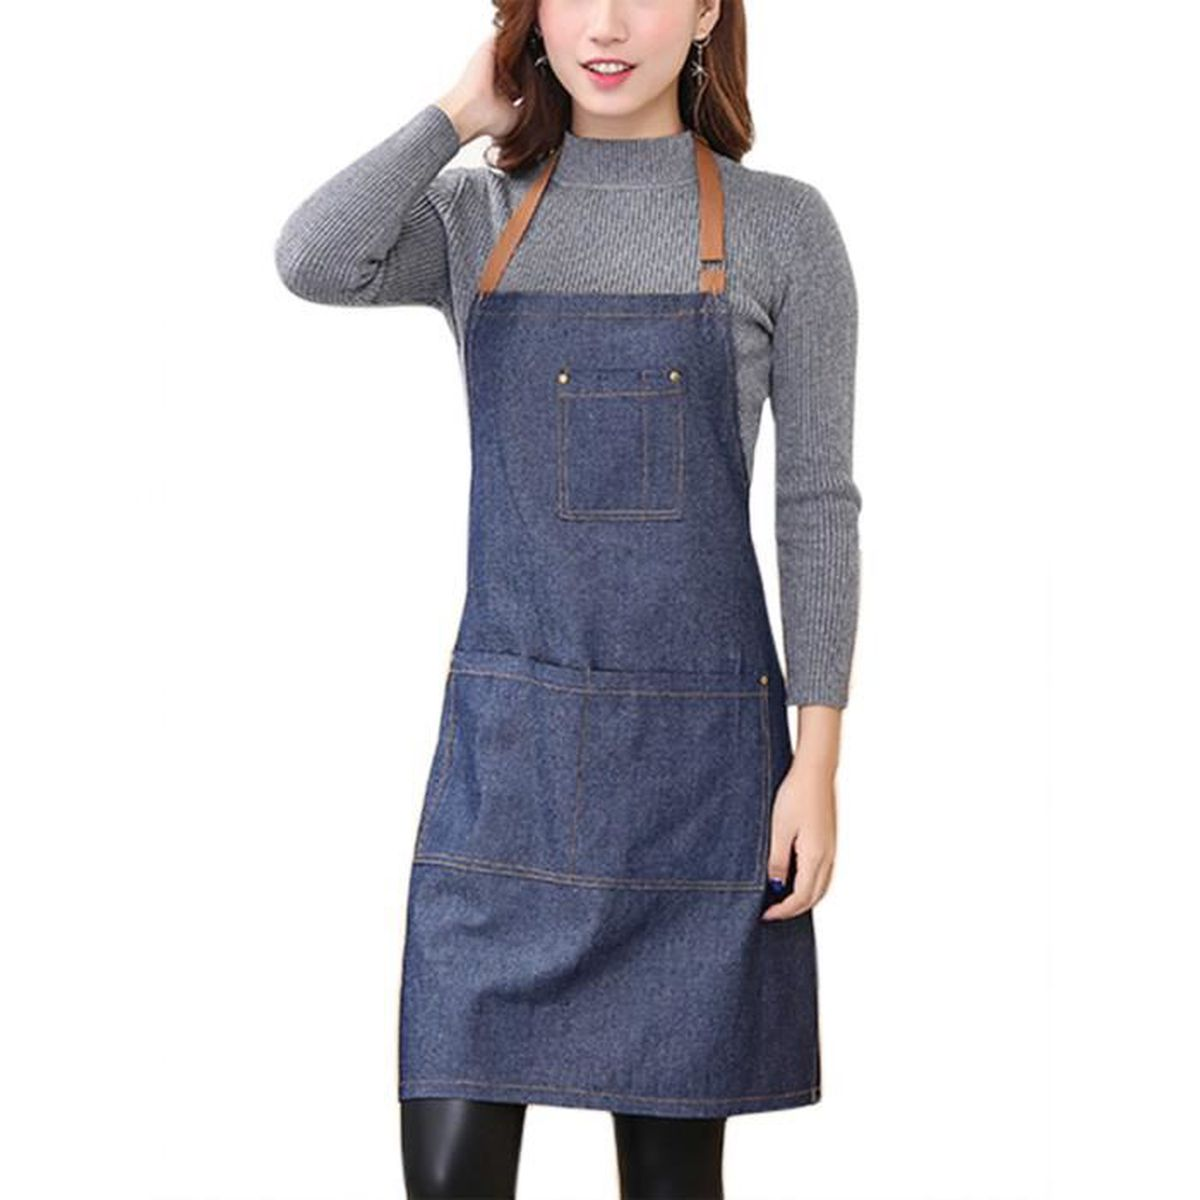 Feoya femme tablier longue en denim licou r glable tablier en jeans pour cuisine restaurant - Tablier de cuisine rigolo femme ...